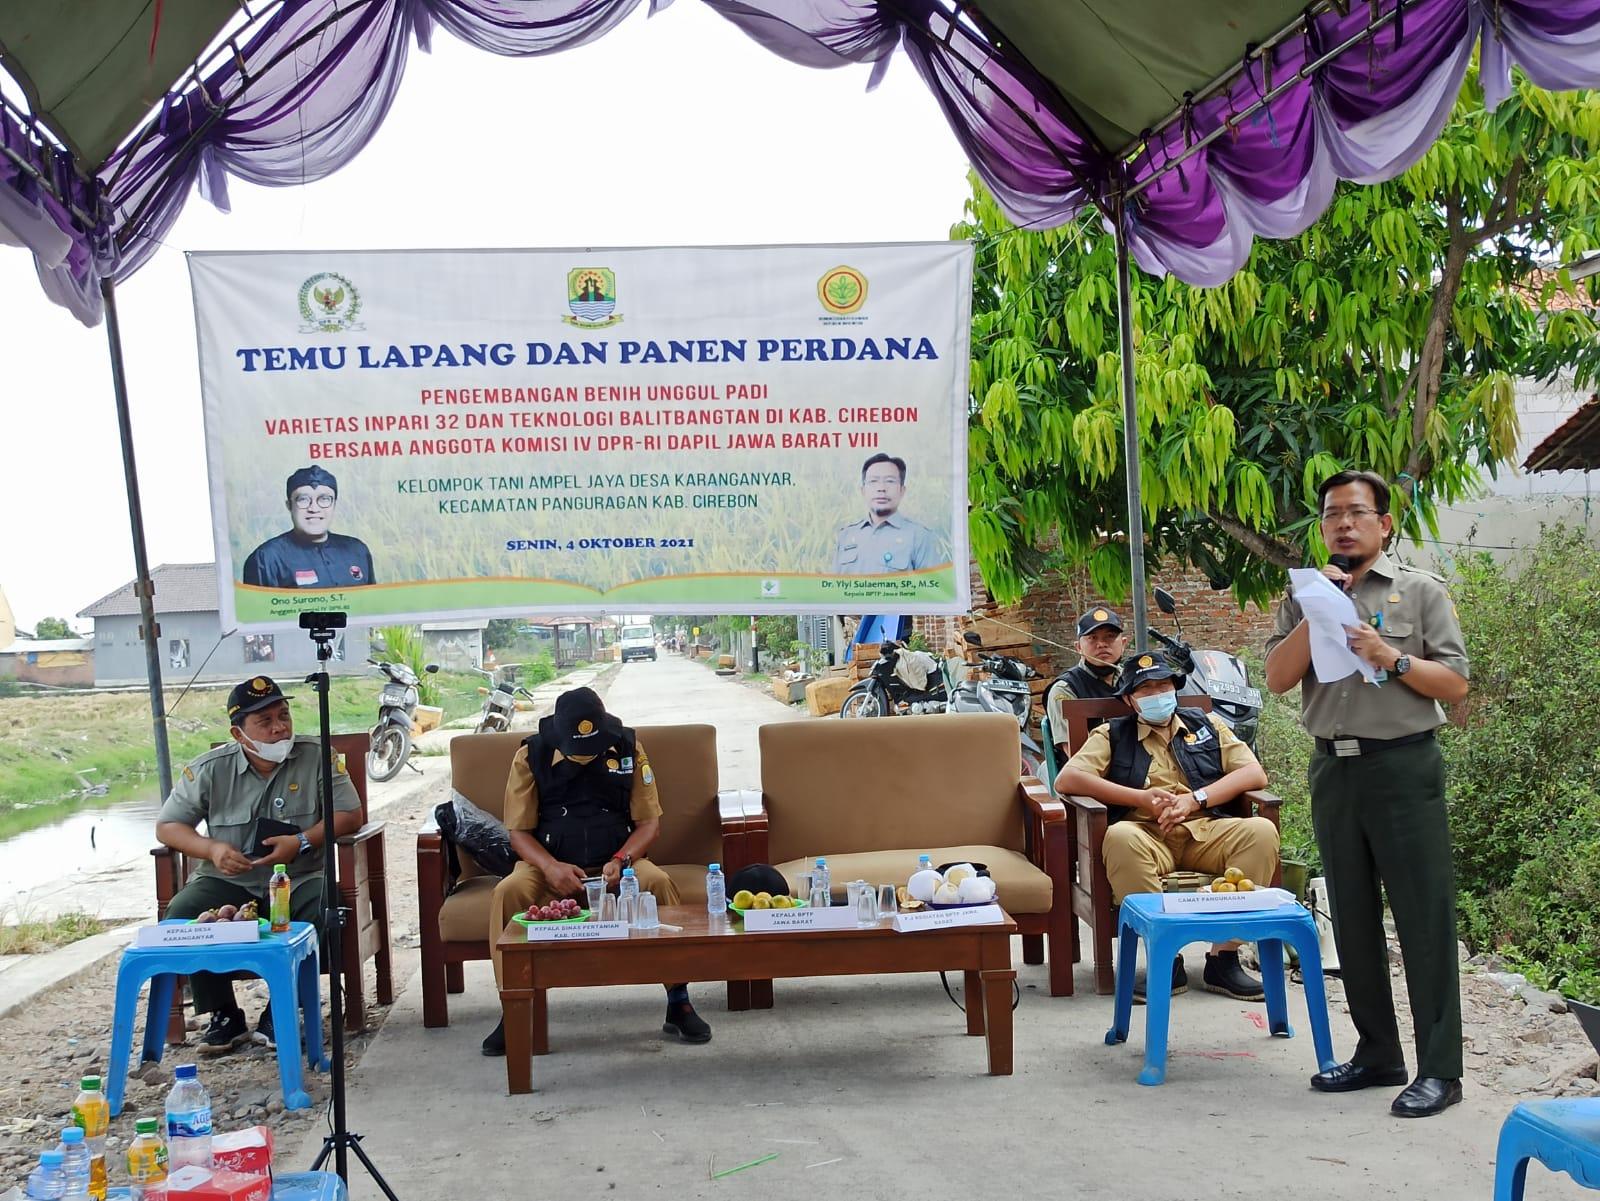 BPTP Jabar Gelar Panen Perdana Beserta Kelompok Tani Ampel Jaya di Cirebon